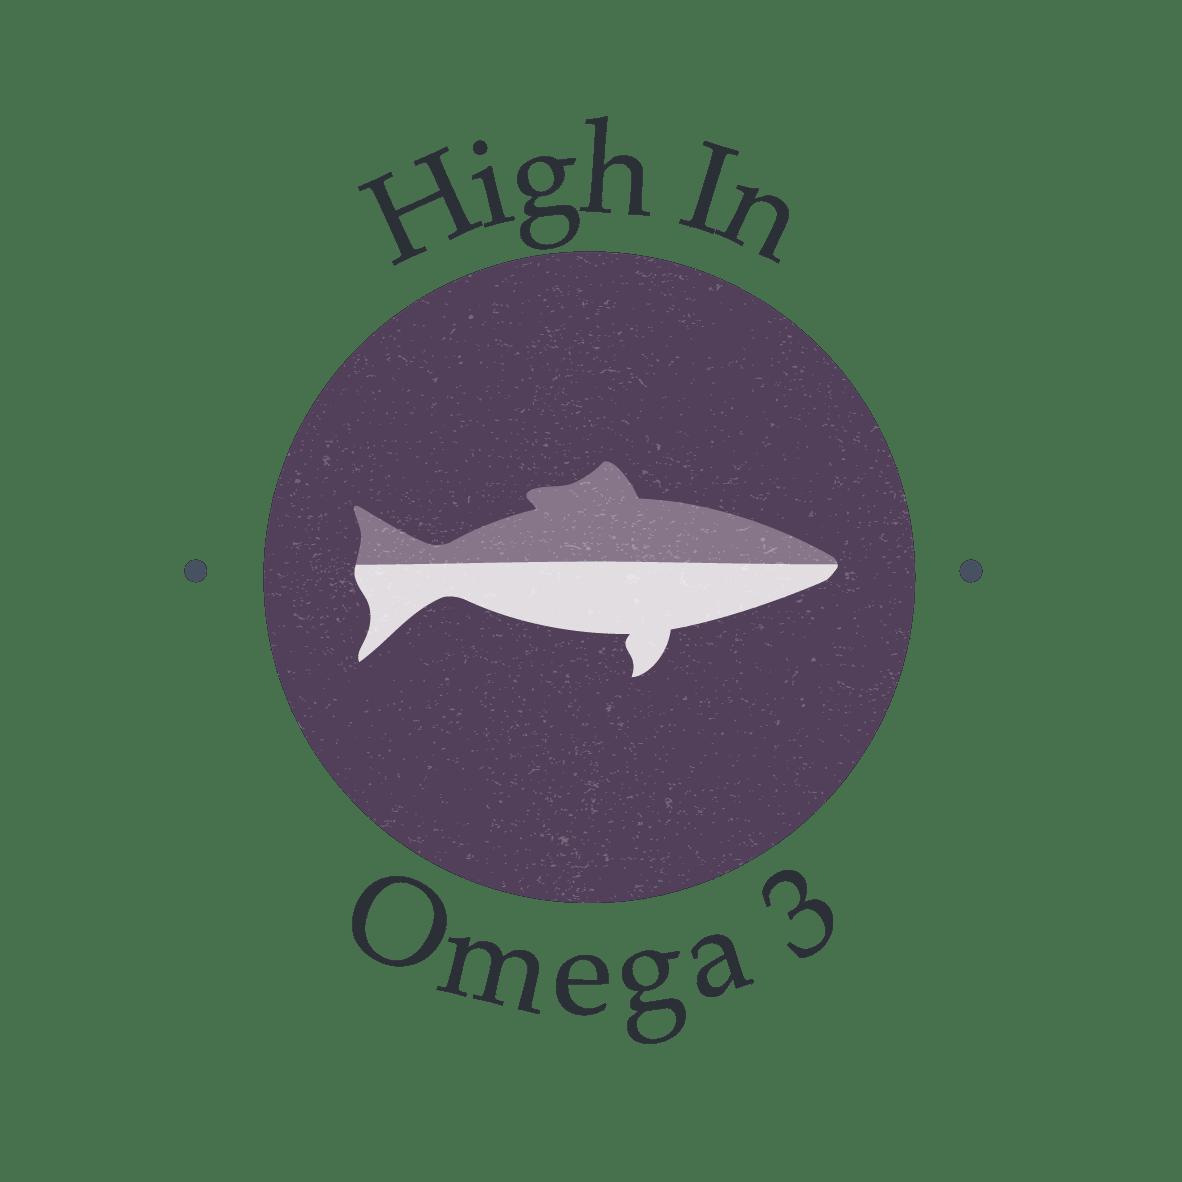 high omega 3 recipe